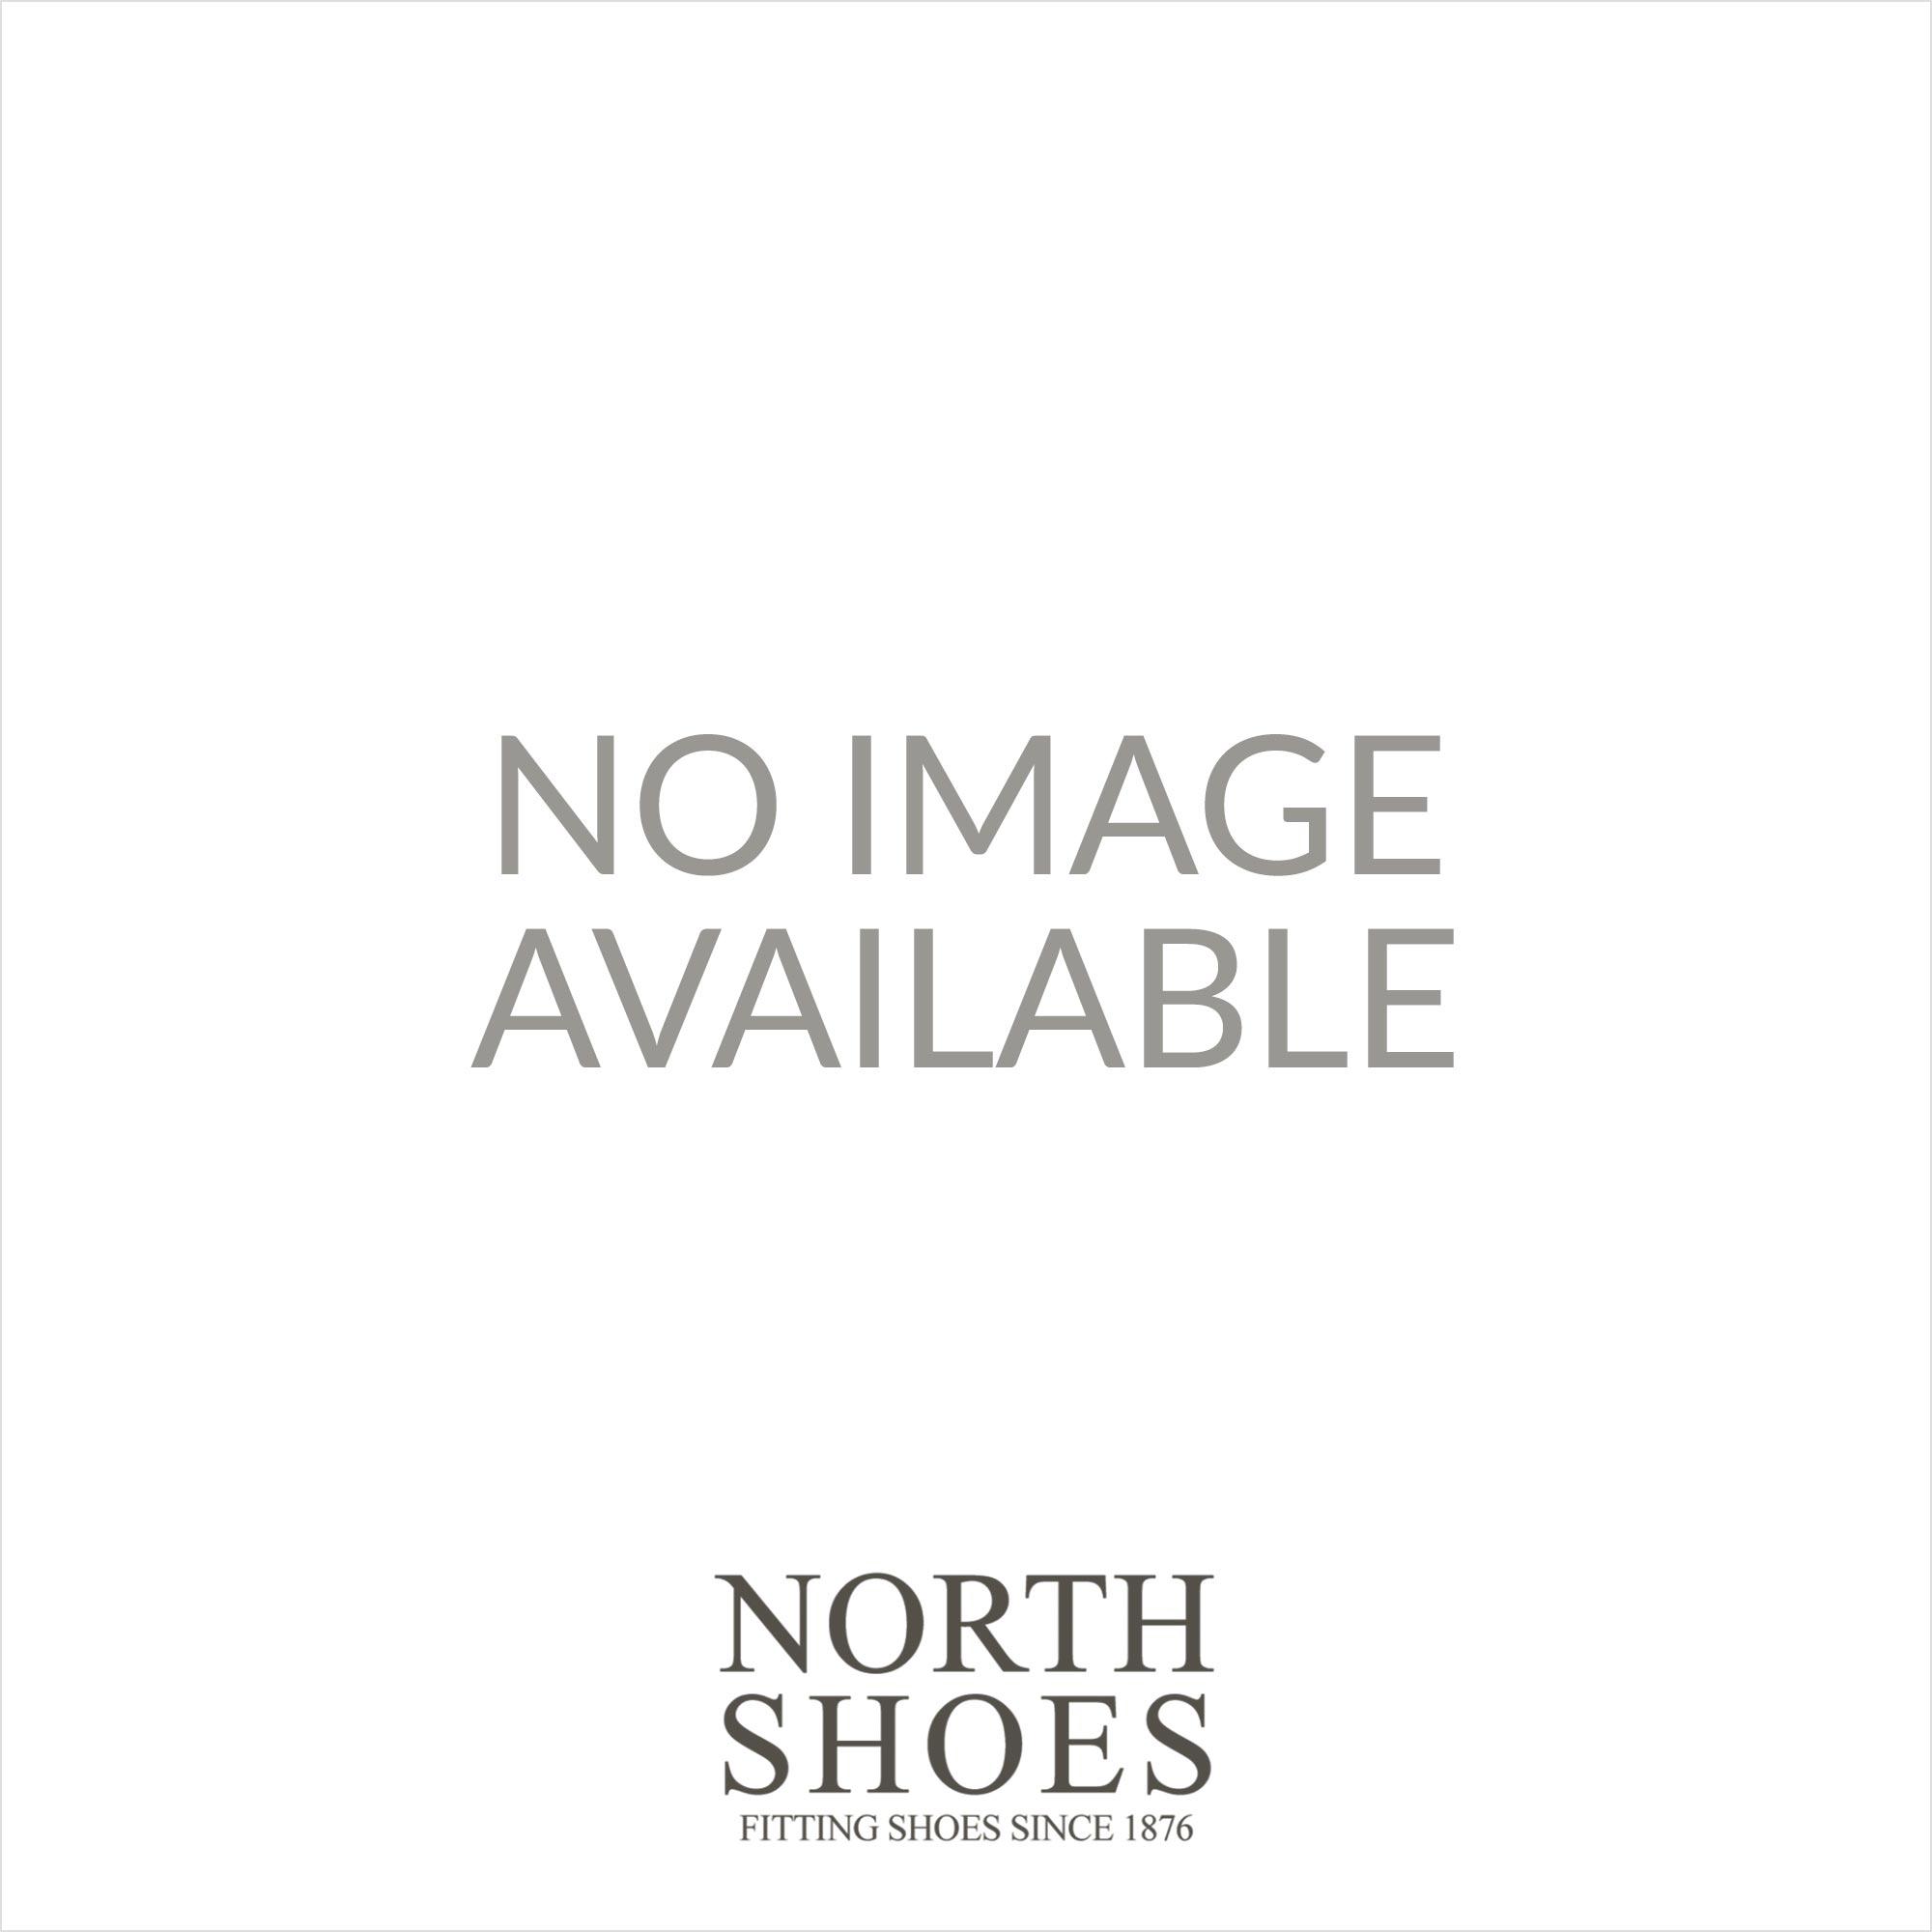 5595b6842de6 On The Go 600 - Monarch 15306 Black Knitted Mesh Womens Slip On Mule Sandal.  Skechers ...